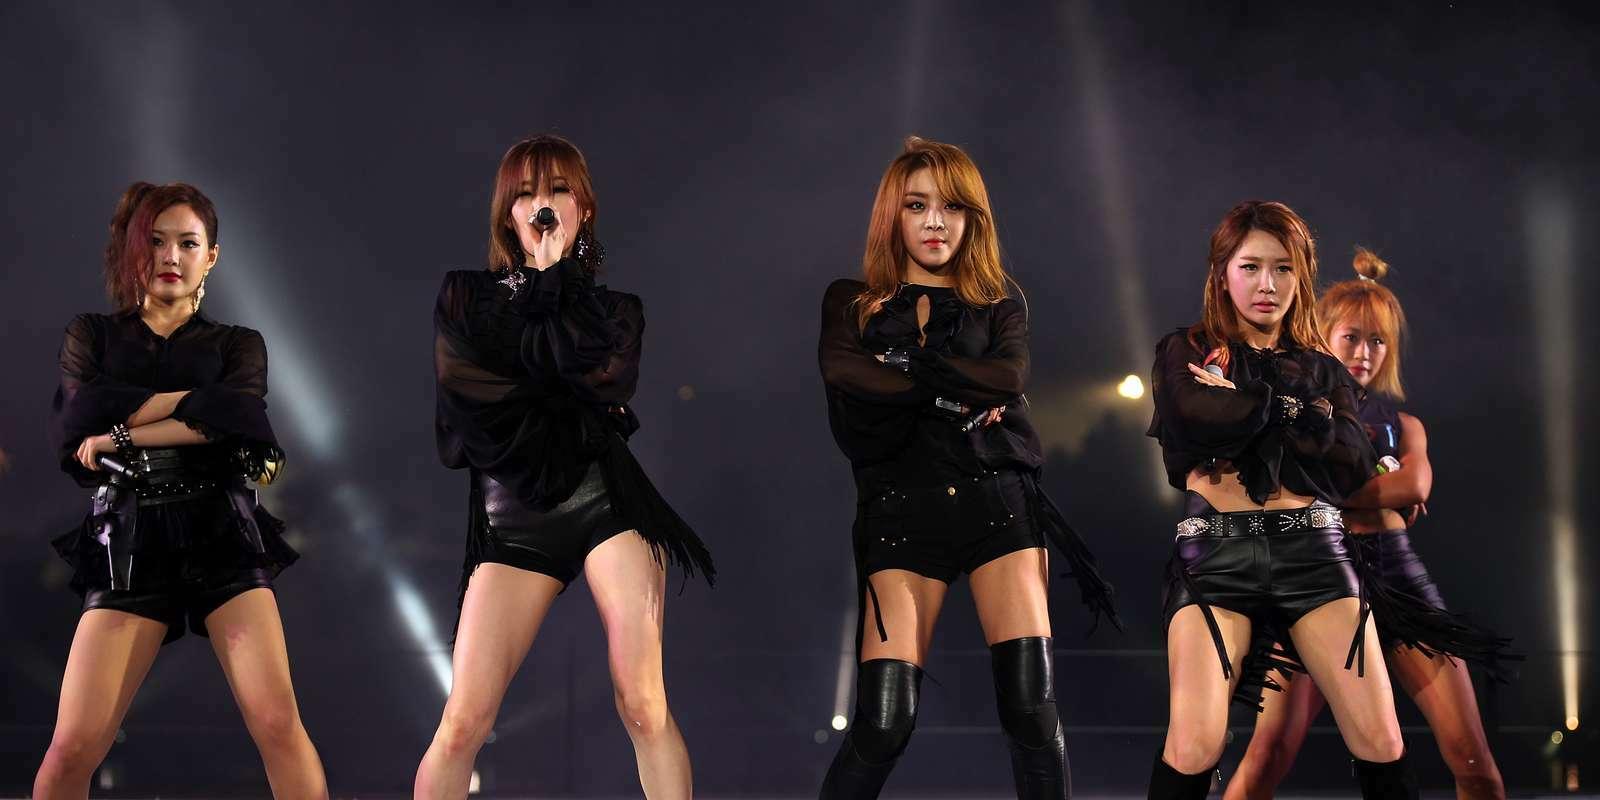 Sony compte promouvoir ses groupes de J-pop grâce à la blockchain